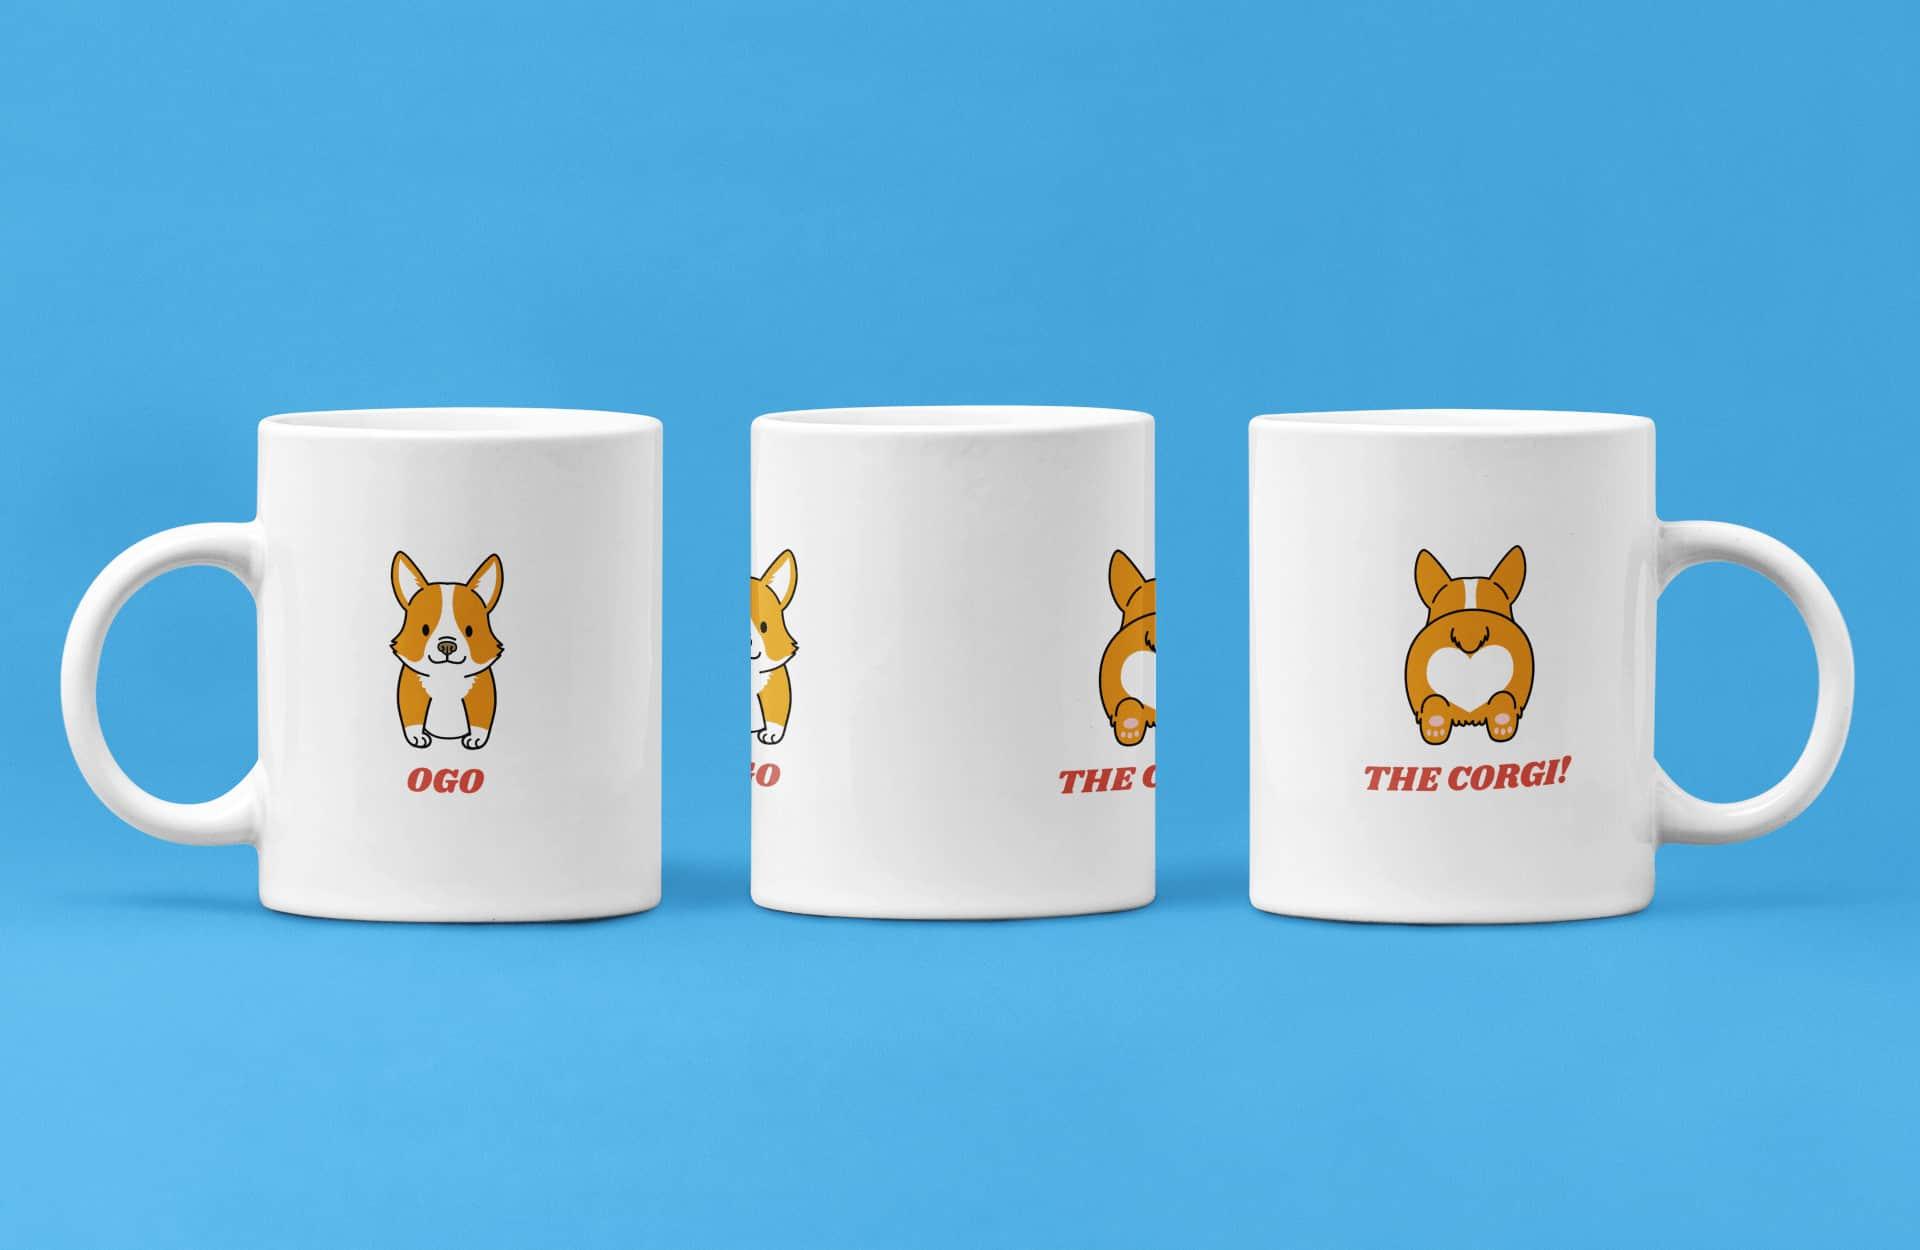 ogo custom mugs